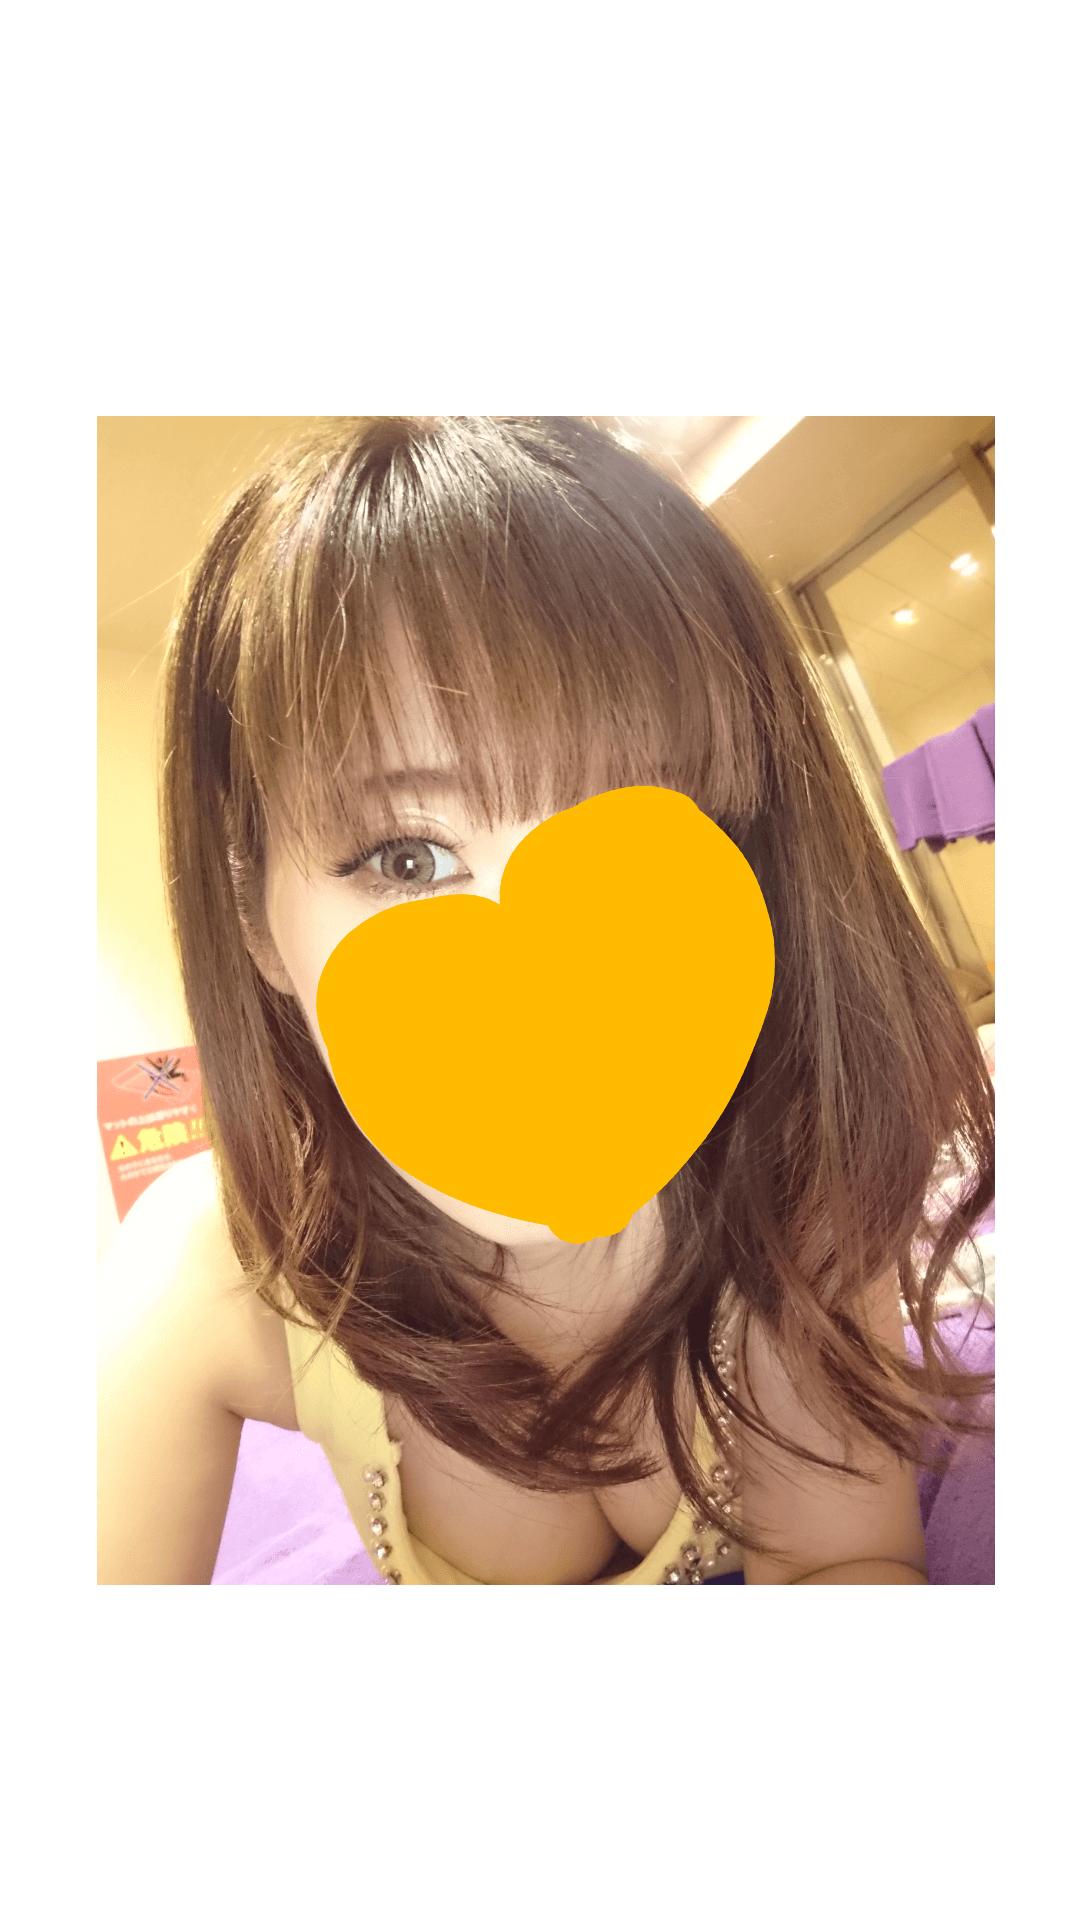 「あとちょっと」01/01(火) 22:14   いおりの写メ・風俗動画